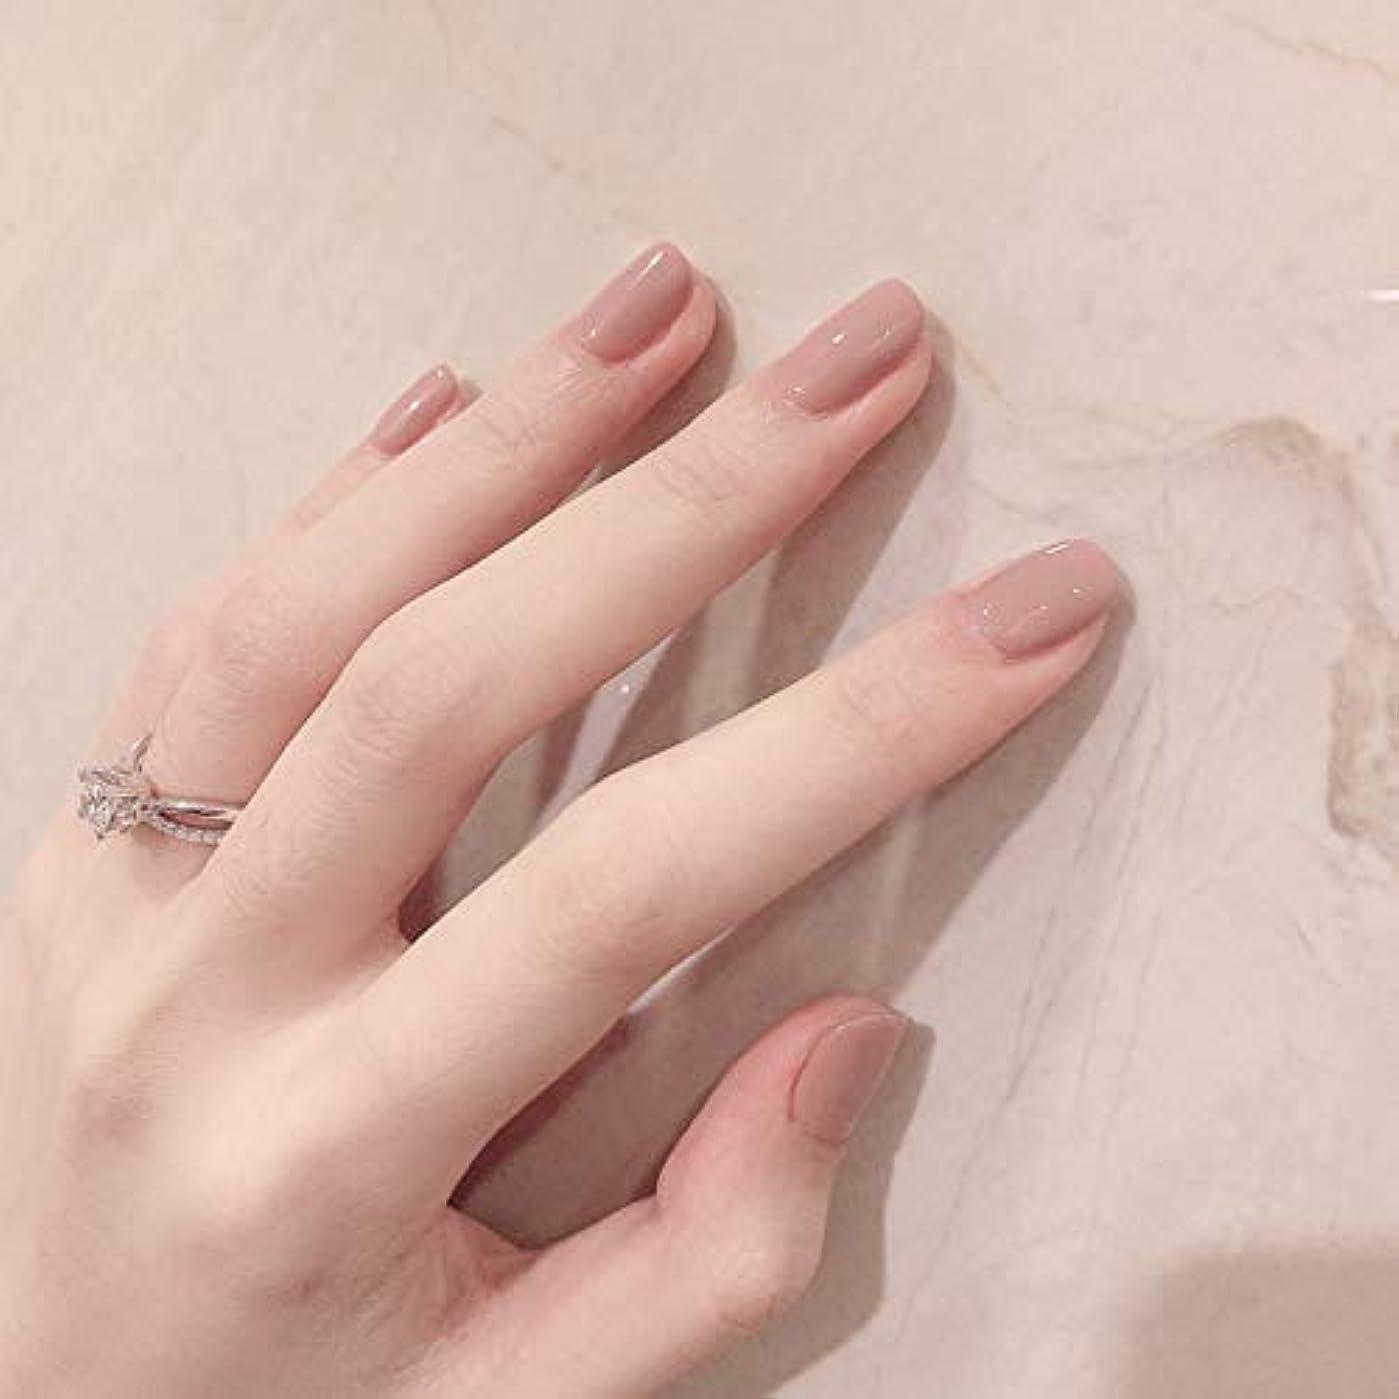 反映するチーターに対してシンプルな优雅さと上质な手作りネイルチップ ネイル花嫁じ で気质の高い淑女 偽の爪 ネイルチップ